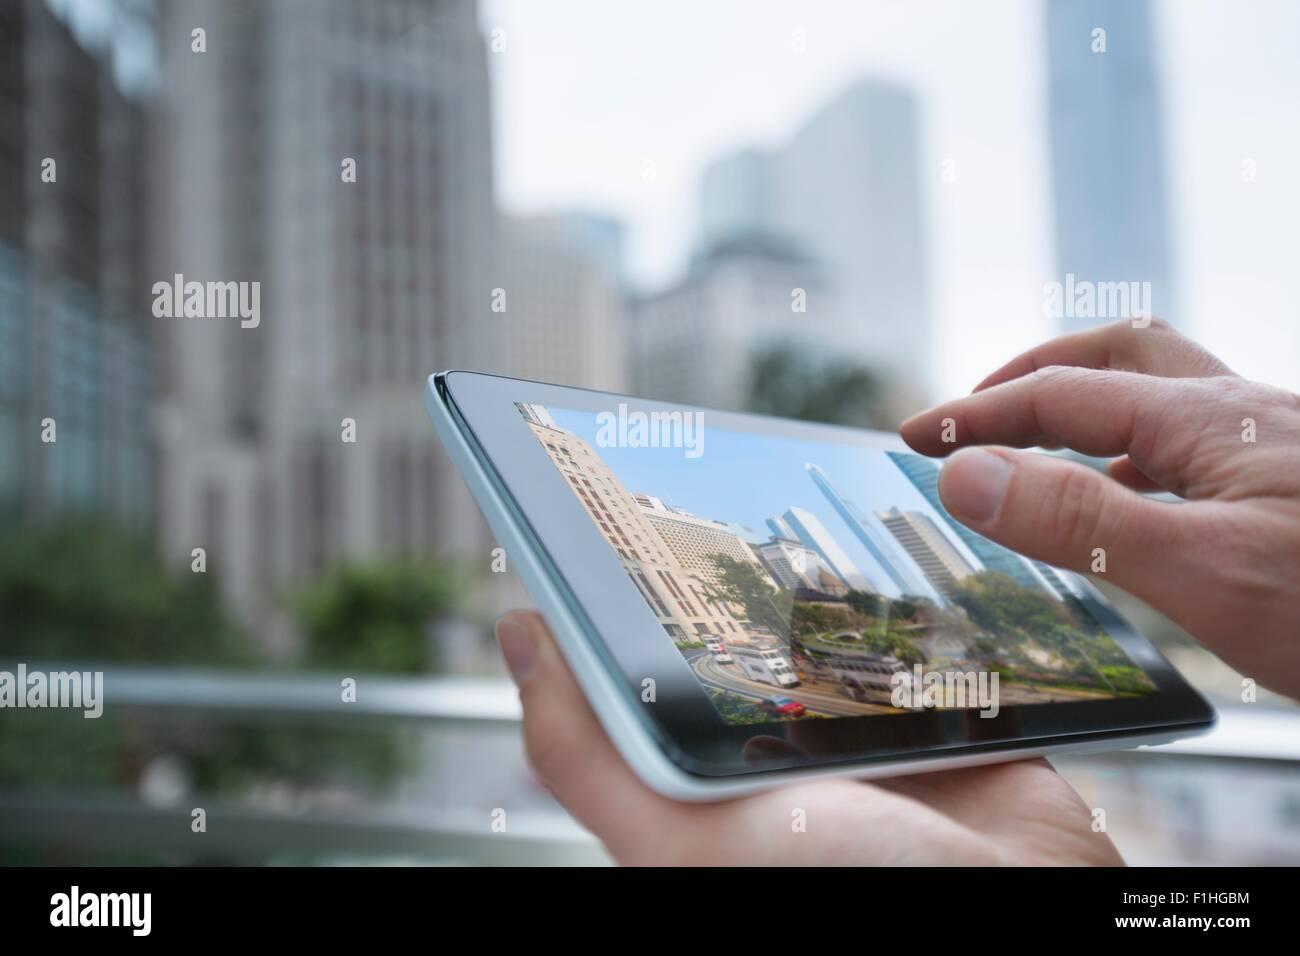 Uomo con tavoletta digitale, concentrarsi sulle mani, Hong Kong, Cina Immagini Stock